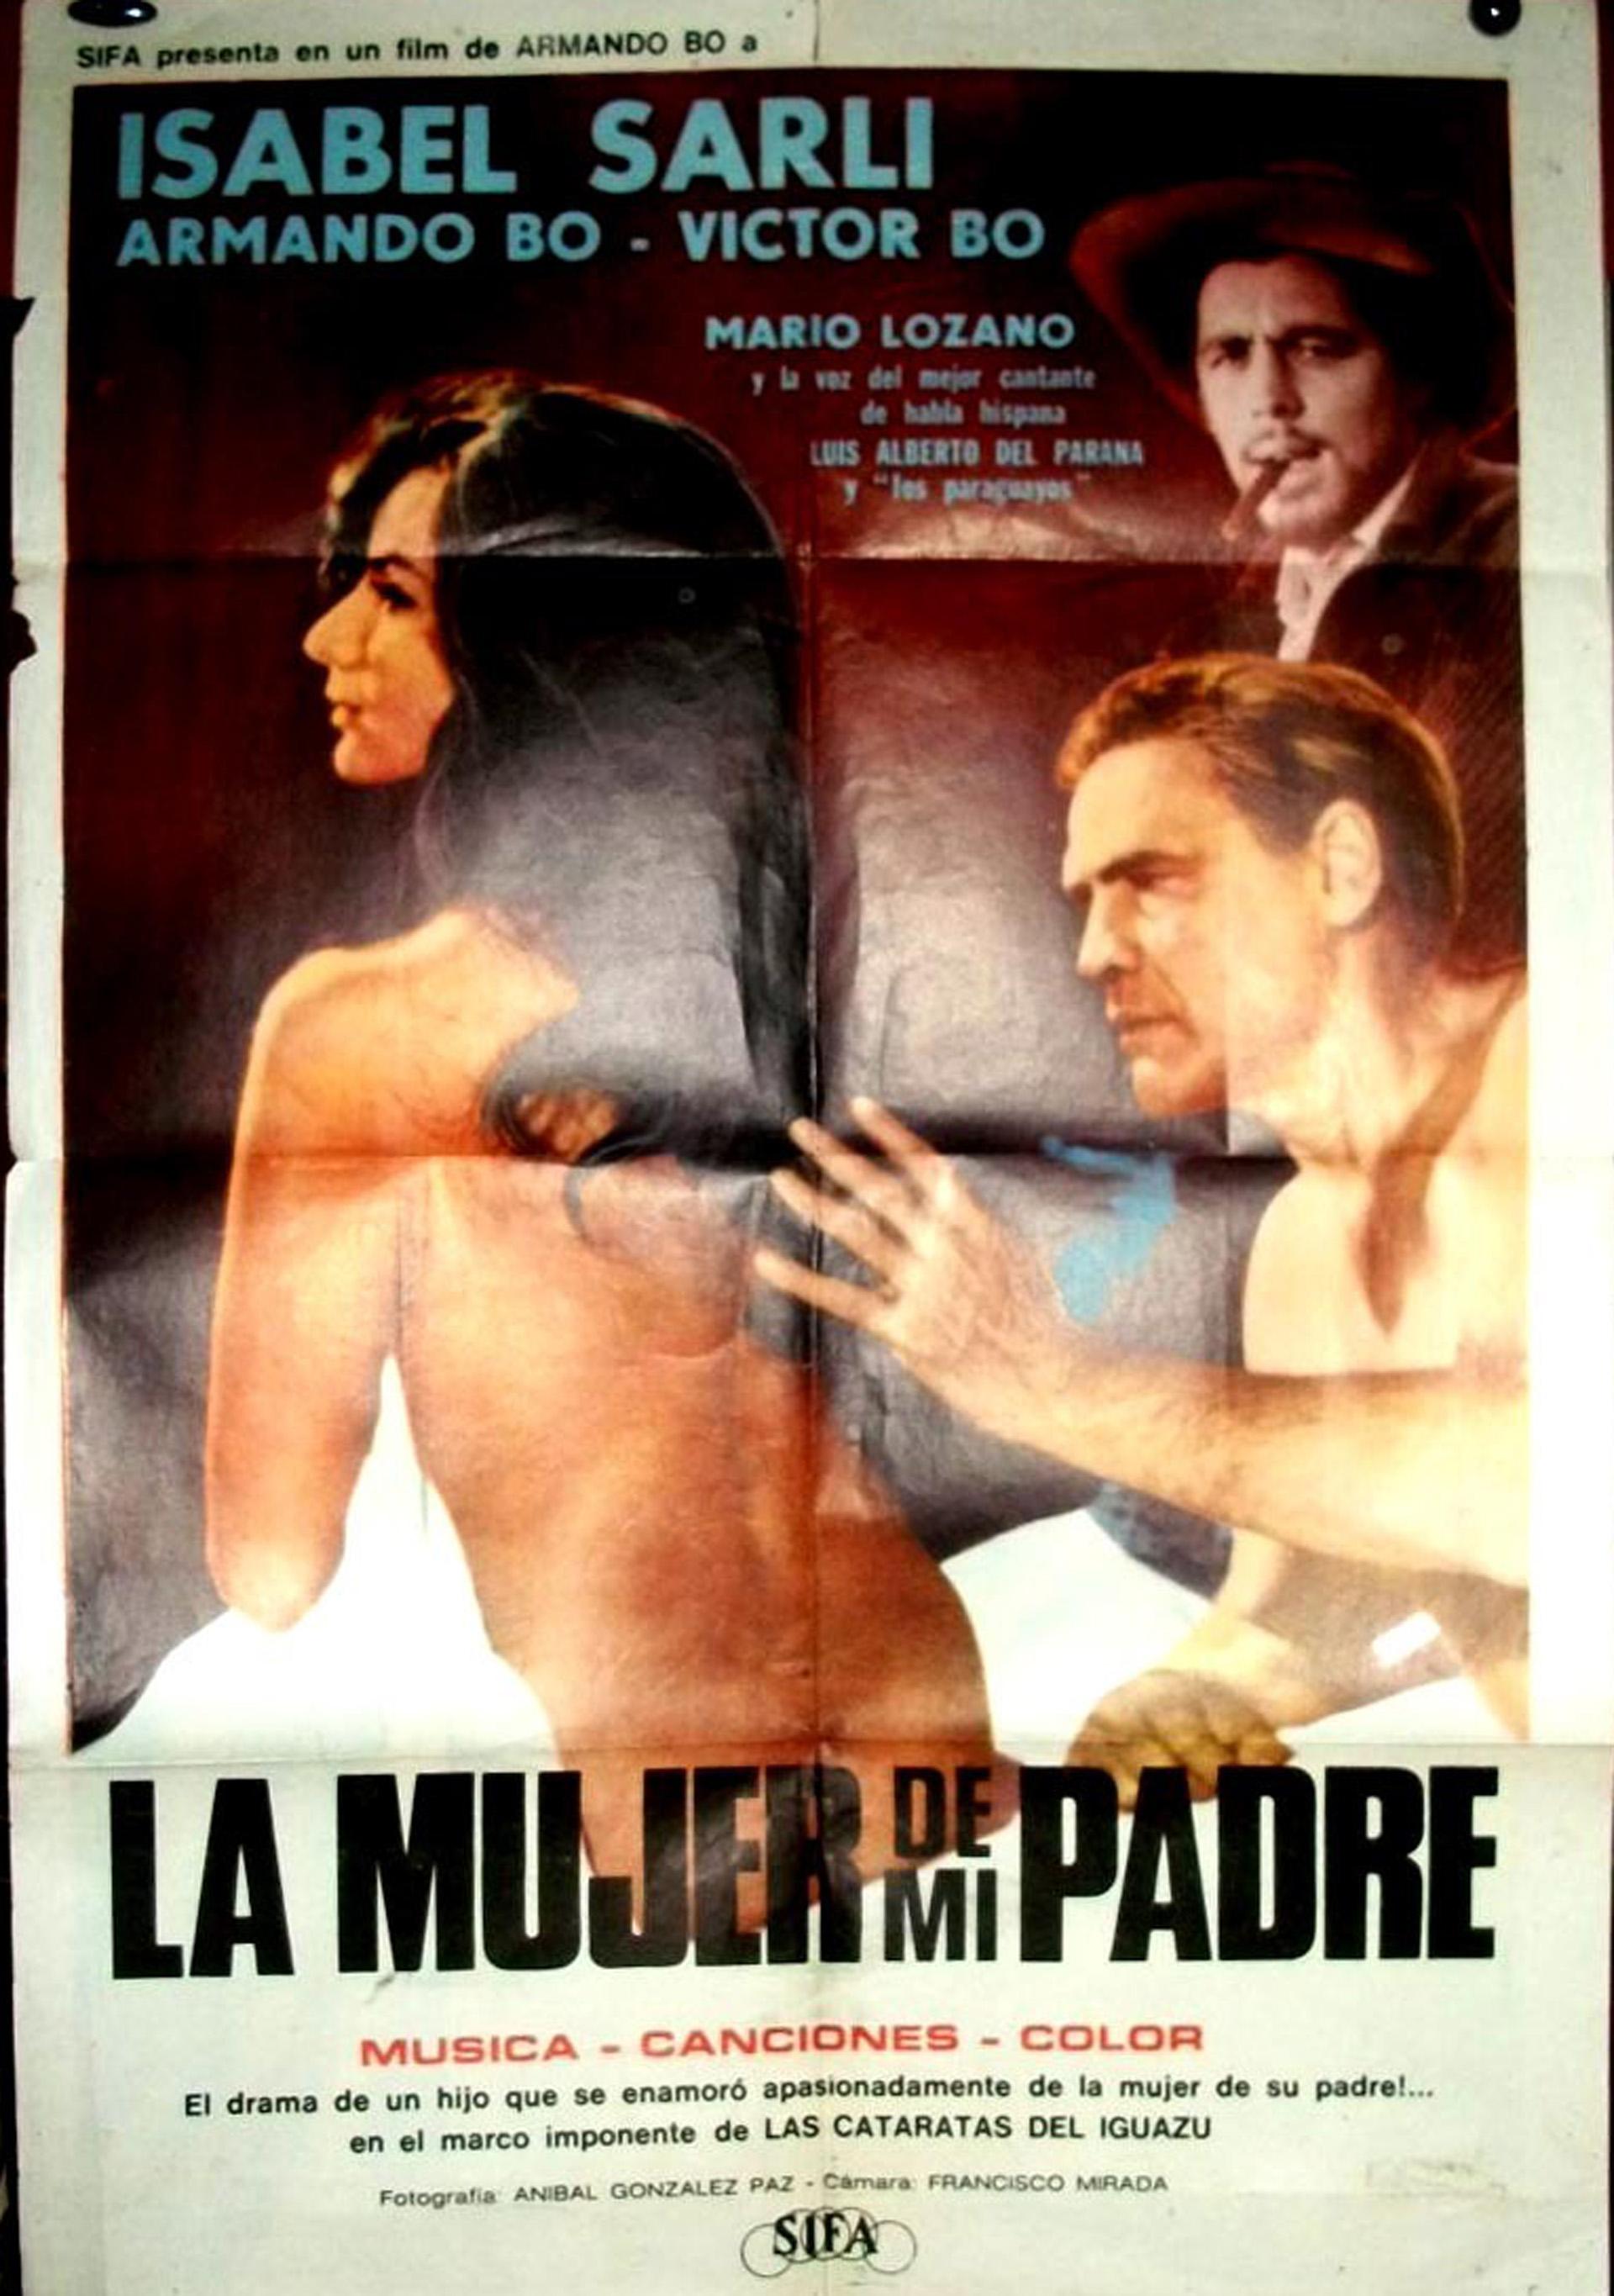 Filmada en la Cataratas del Iguazú, en 1968 y con dirección de Armando Bó, quien también participó delante de cámara, la película contó con la actuación de Victor Bó, hijo del cineasta